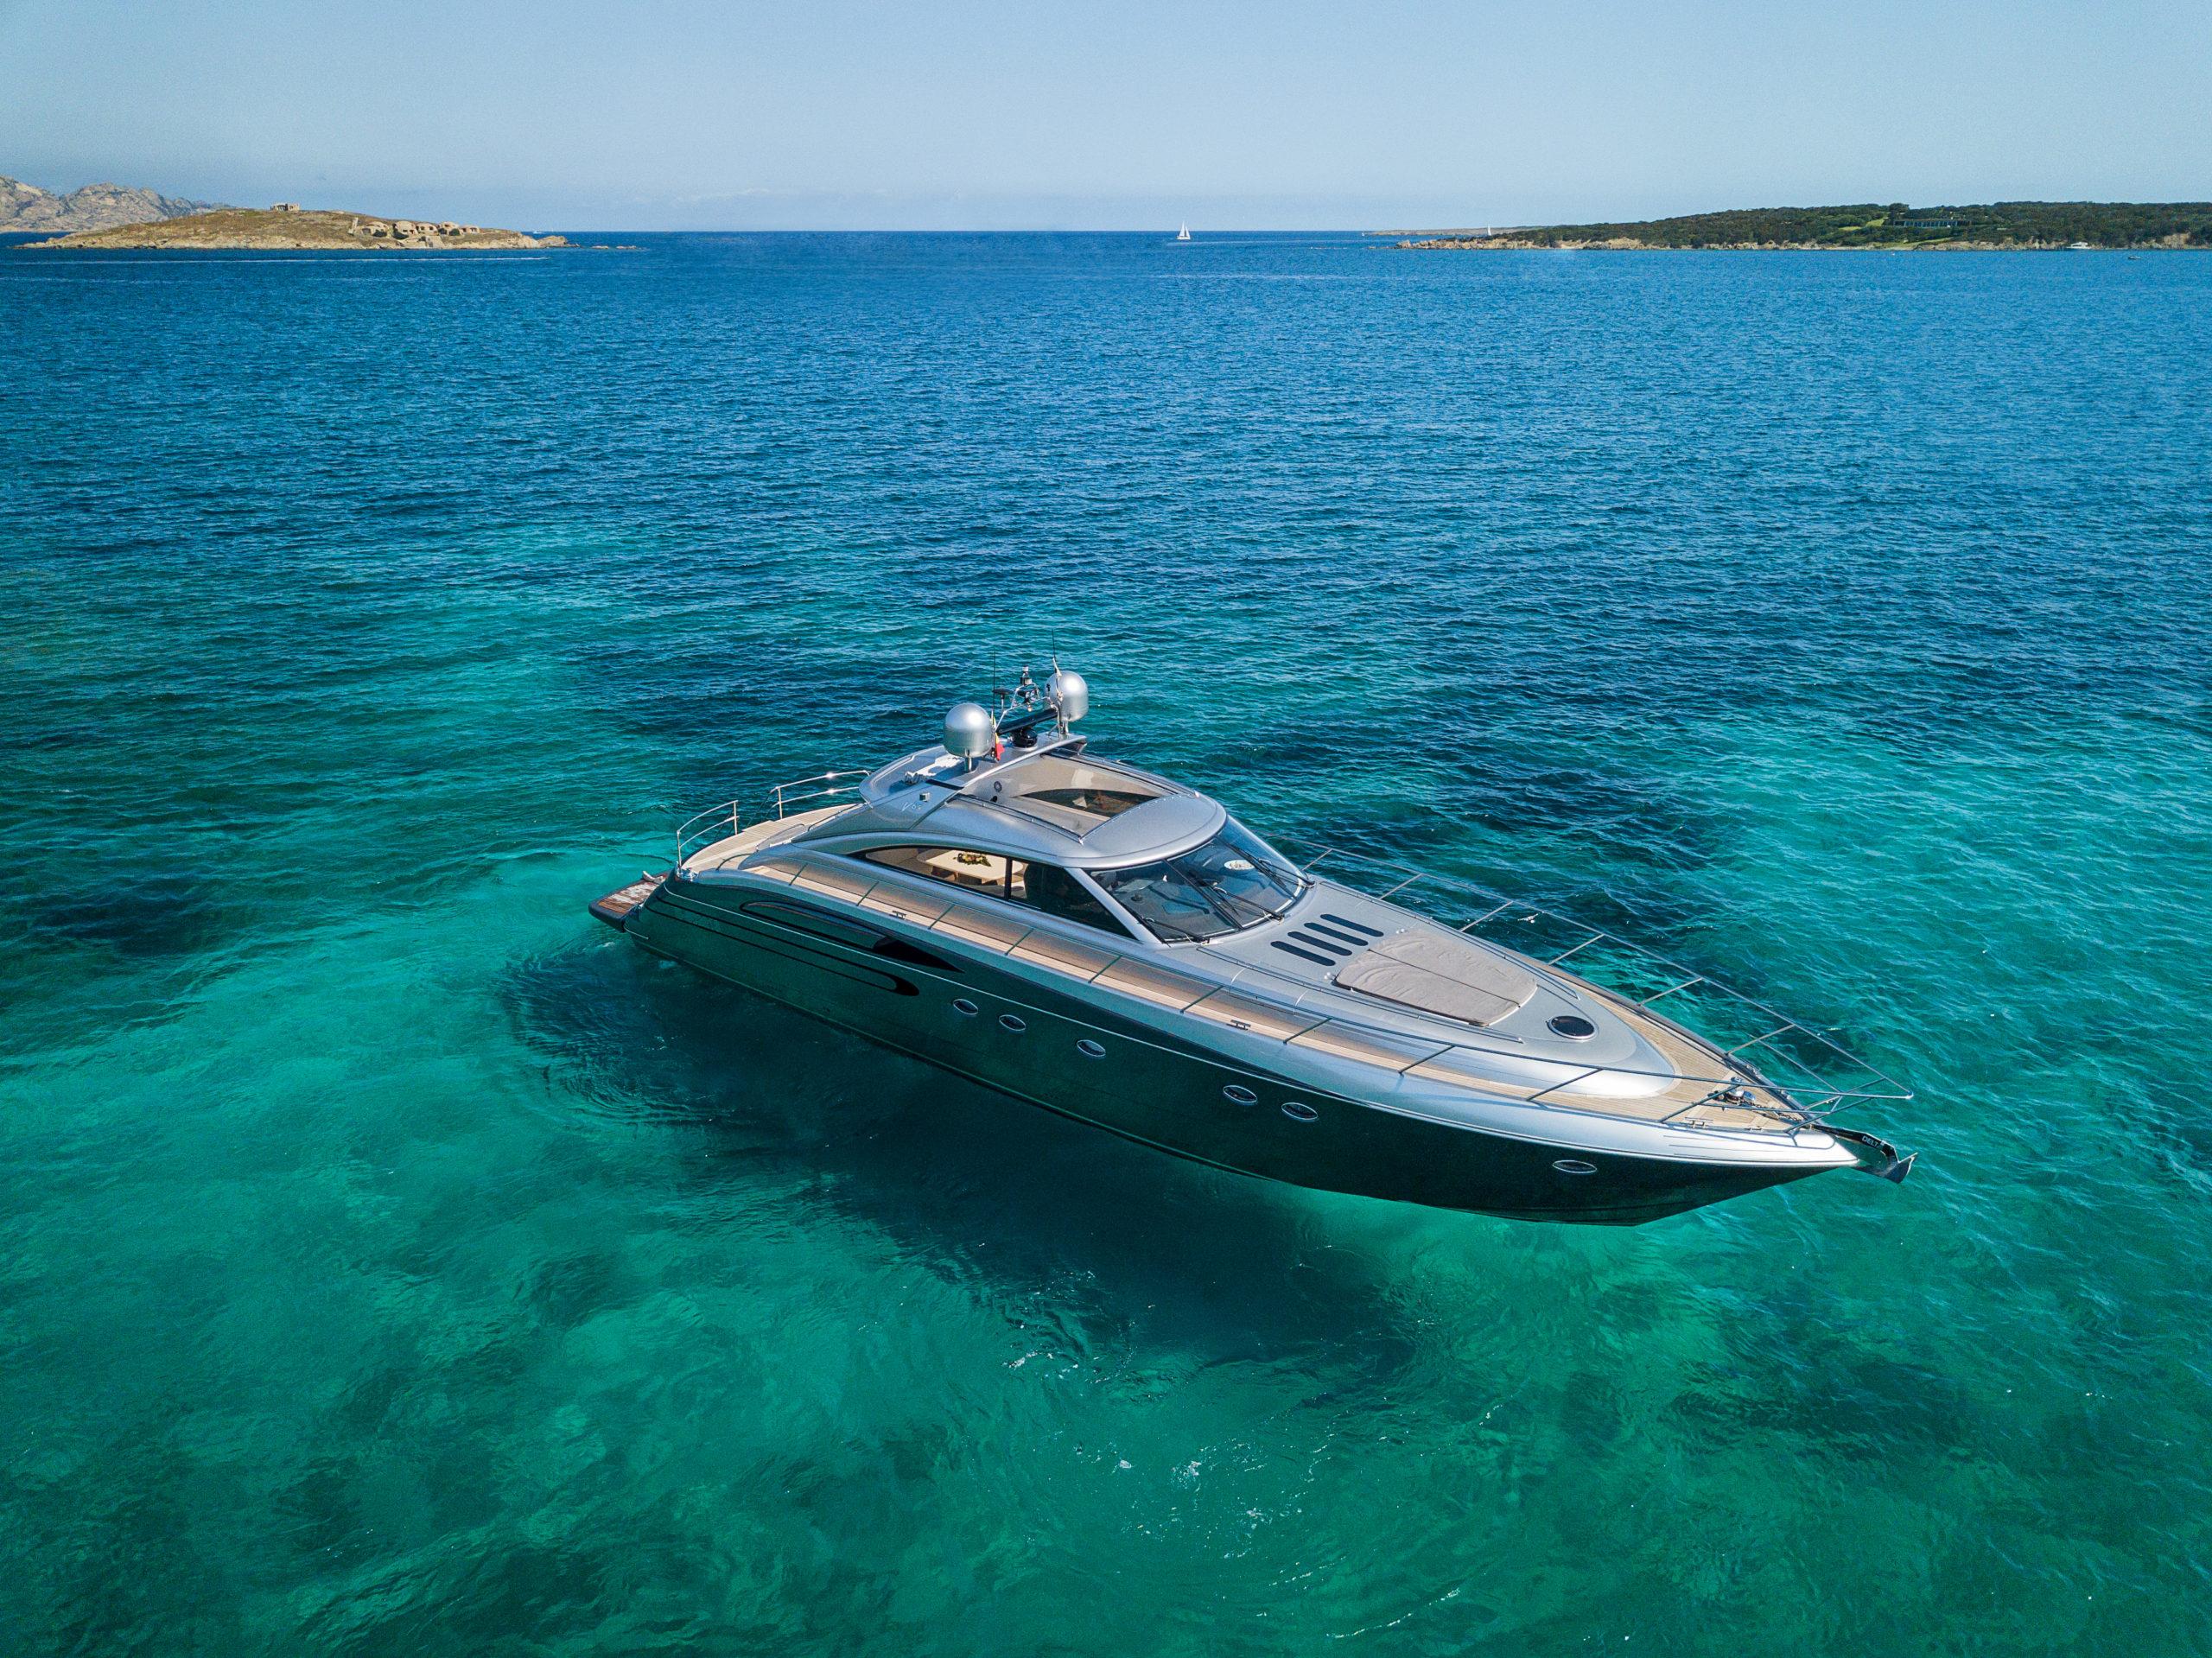 Alquiler de Barcos en Menorca - V65 Princess LAYA